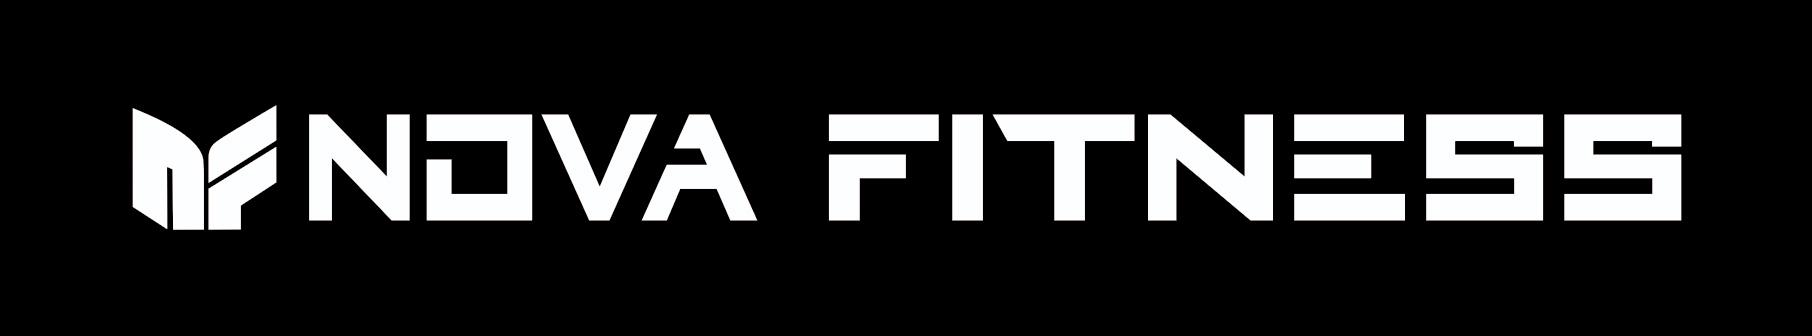 Nova Fitness